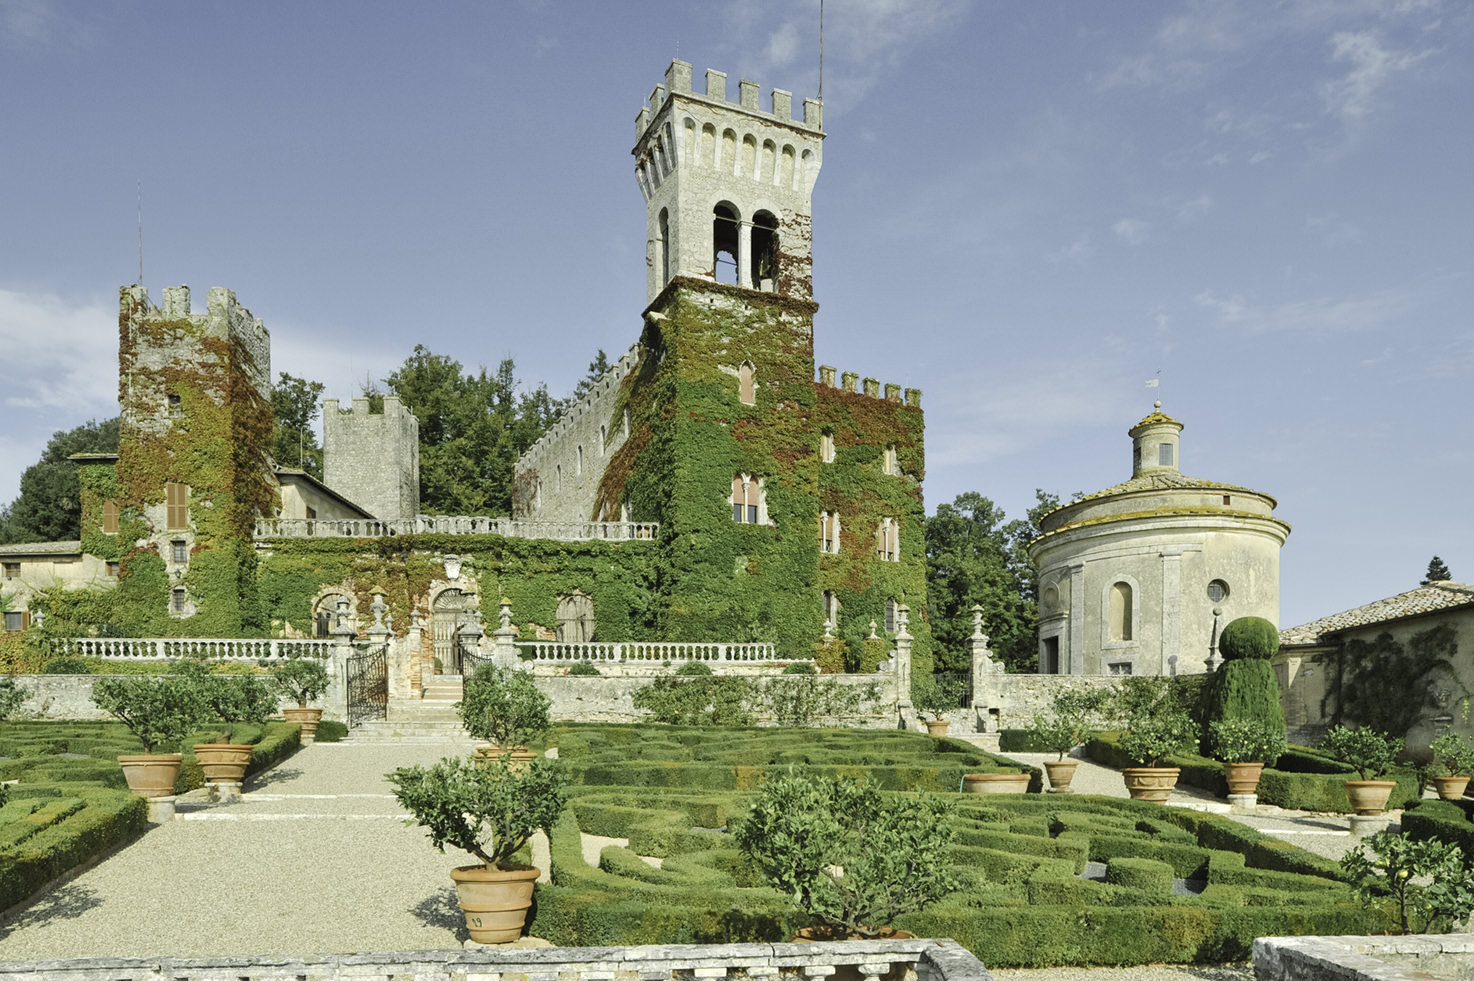 Castello di Celsa, Siena